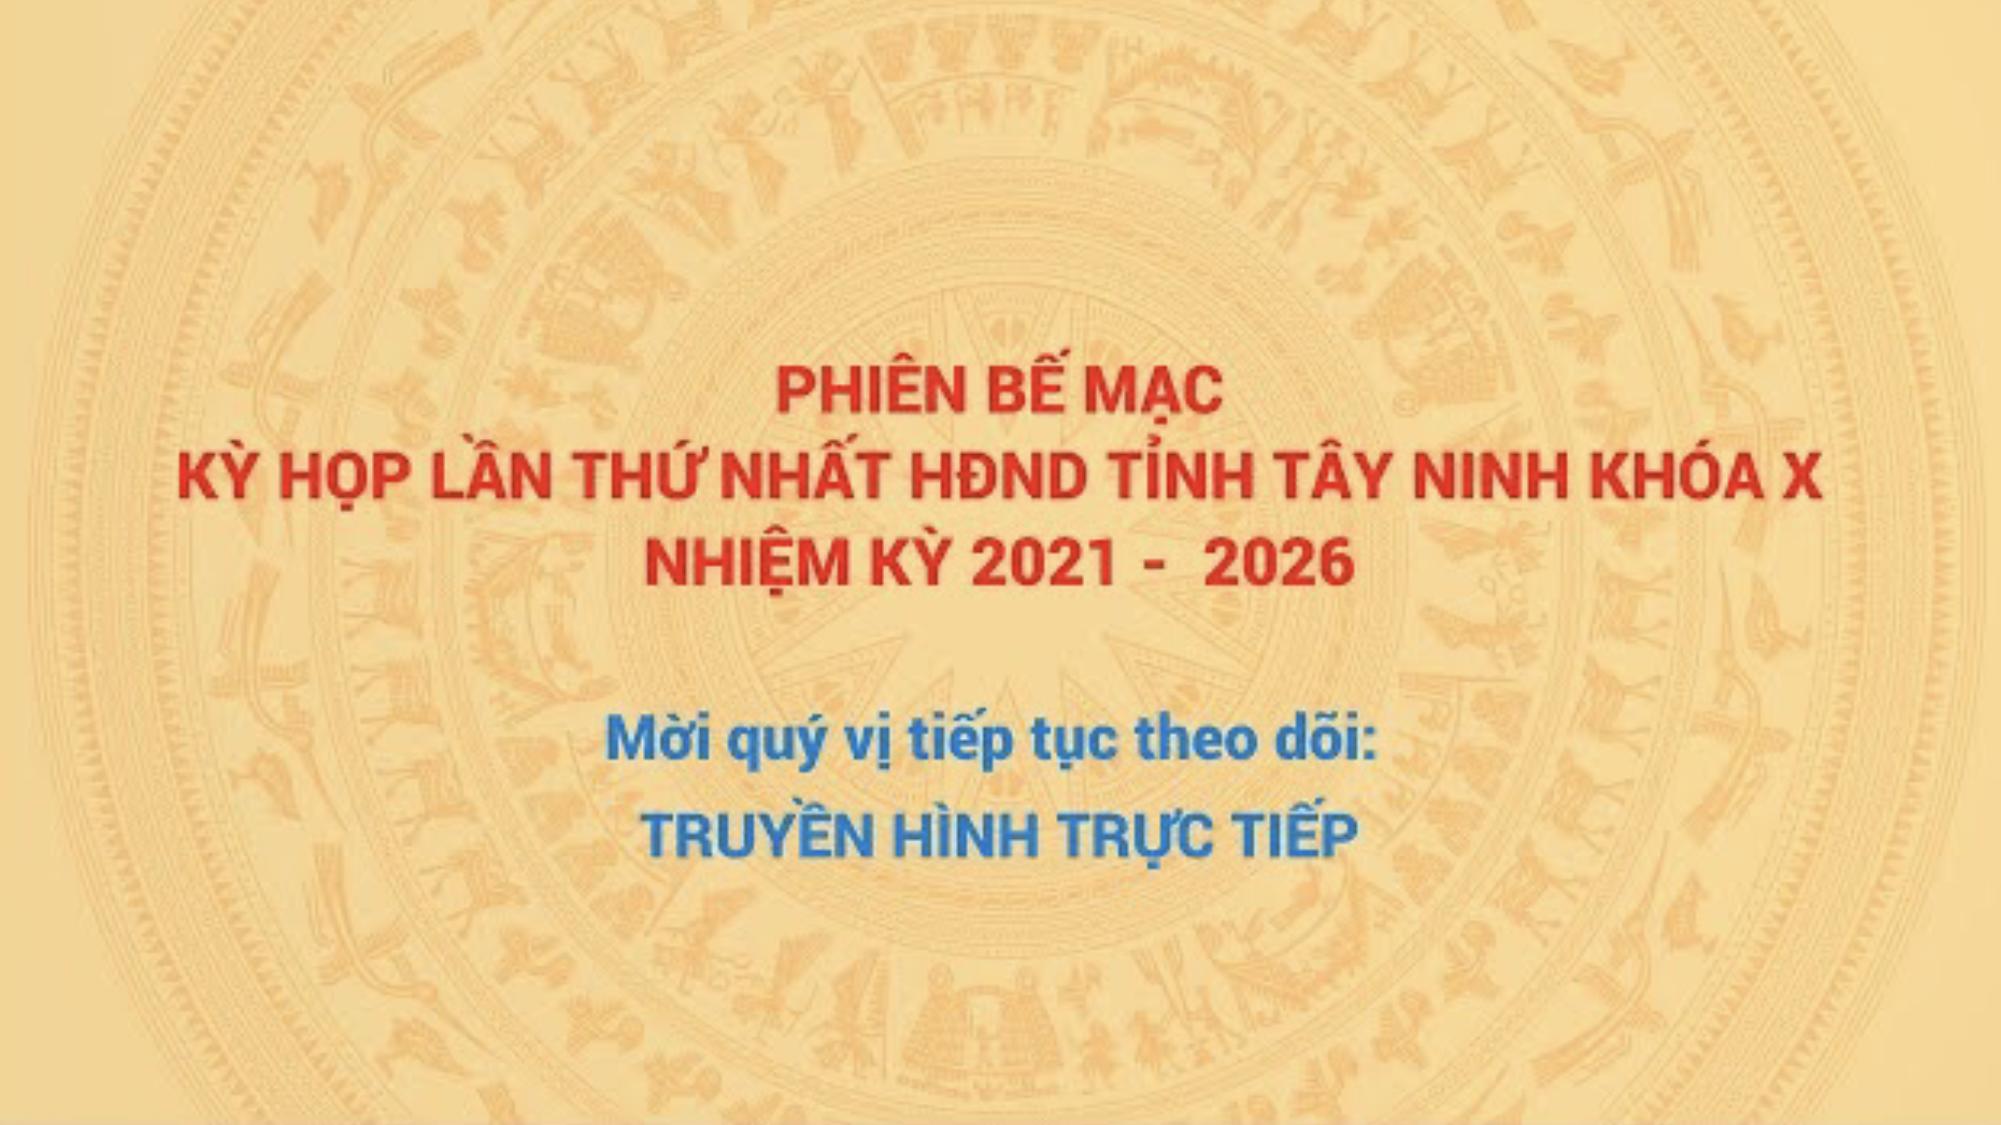 Phiên bế mạc (tiếp theo): Kỳ họp thứ nhất, HĐND tỉnh Tây Ninh, khóa X, nhiệm kỳ 2021 - 2026   Tin tức hôm nay   TâyNinhTV